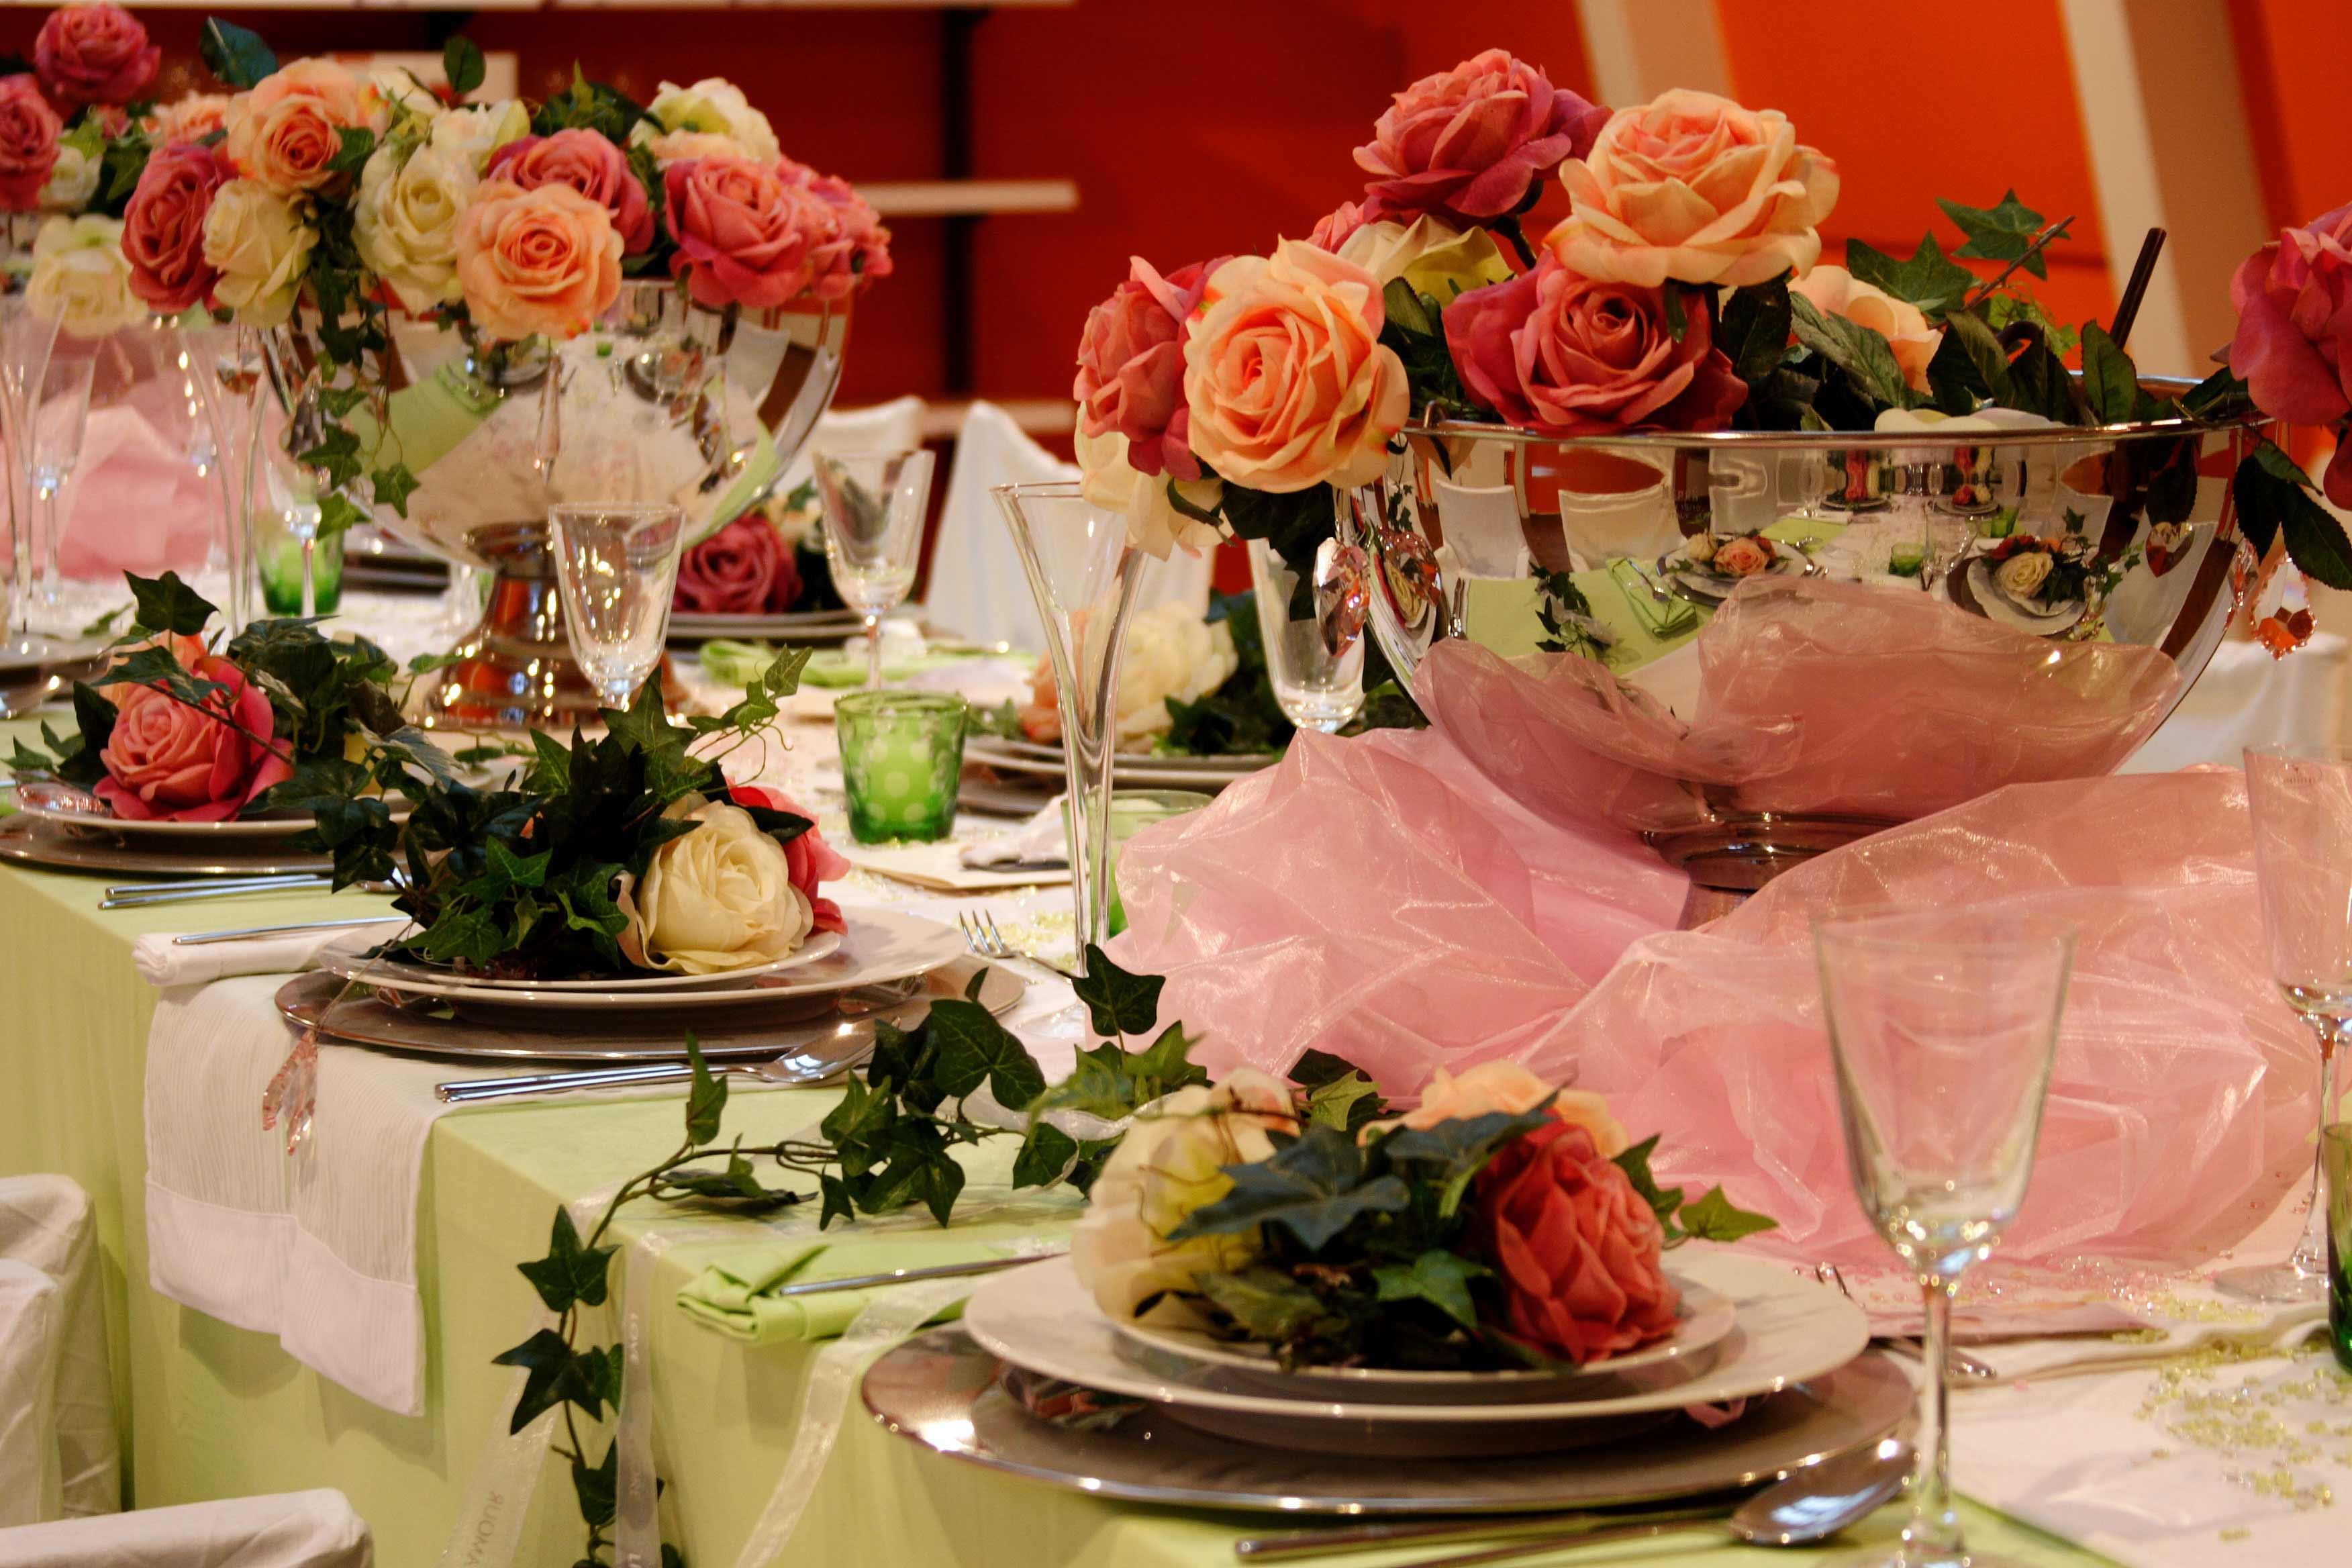 Hochzeitsdeko Luxuri S Rosen Bildergalerie Hochzeitsportal24